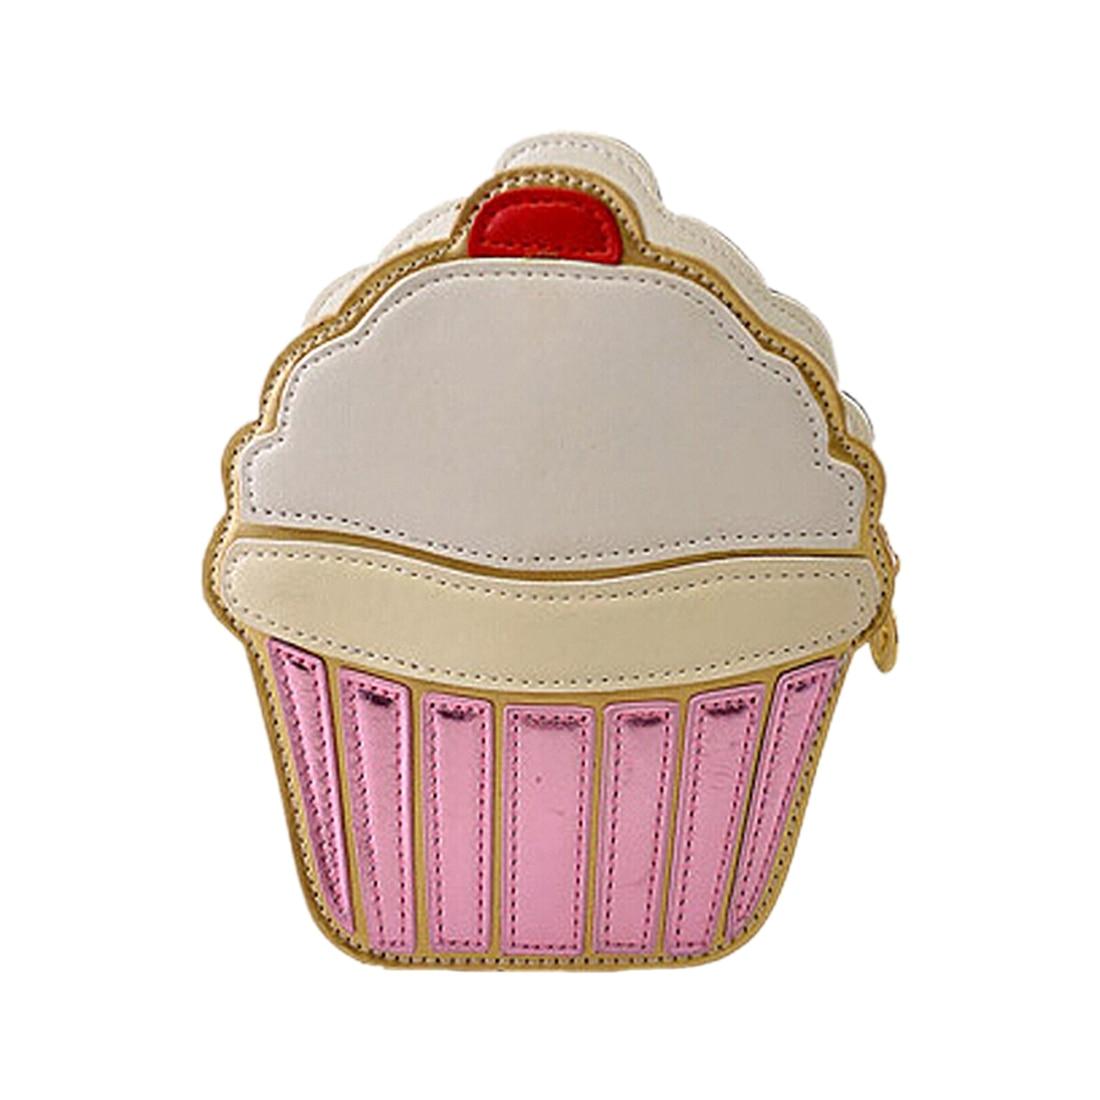 Vsen/горячее предложение милый мультфильм Для женщин мороженое кекс мини Сумки PU кожа небольшая цепь клатч через плечо девушка плеча Ba